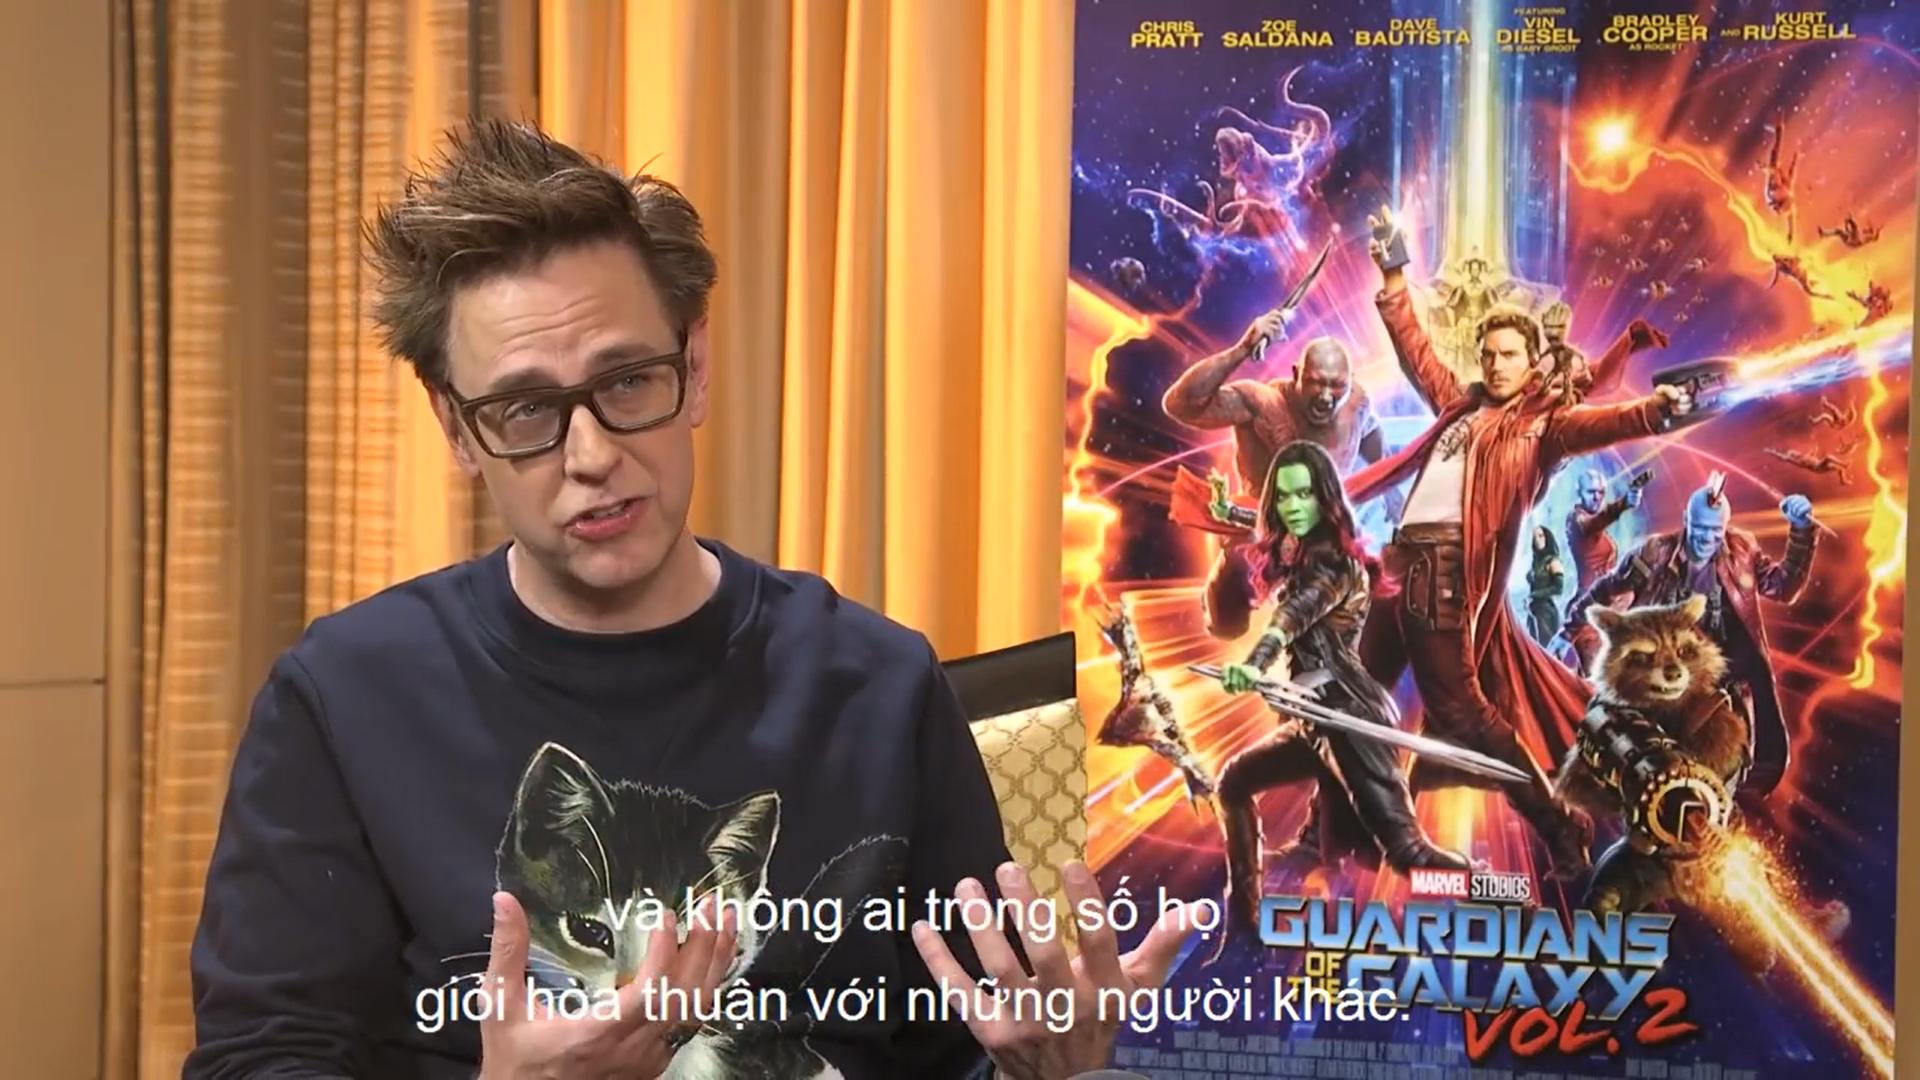 Không chỉ phỏng vấn trực tiếp, Khánh Vy còn tự tin rap dành tặng tài tử Hollywood Chris Pratt - Ảnh 5.